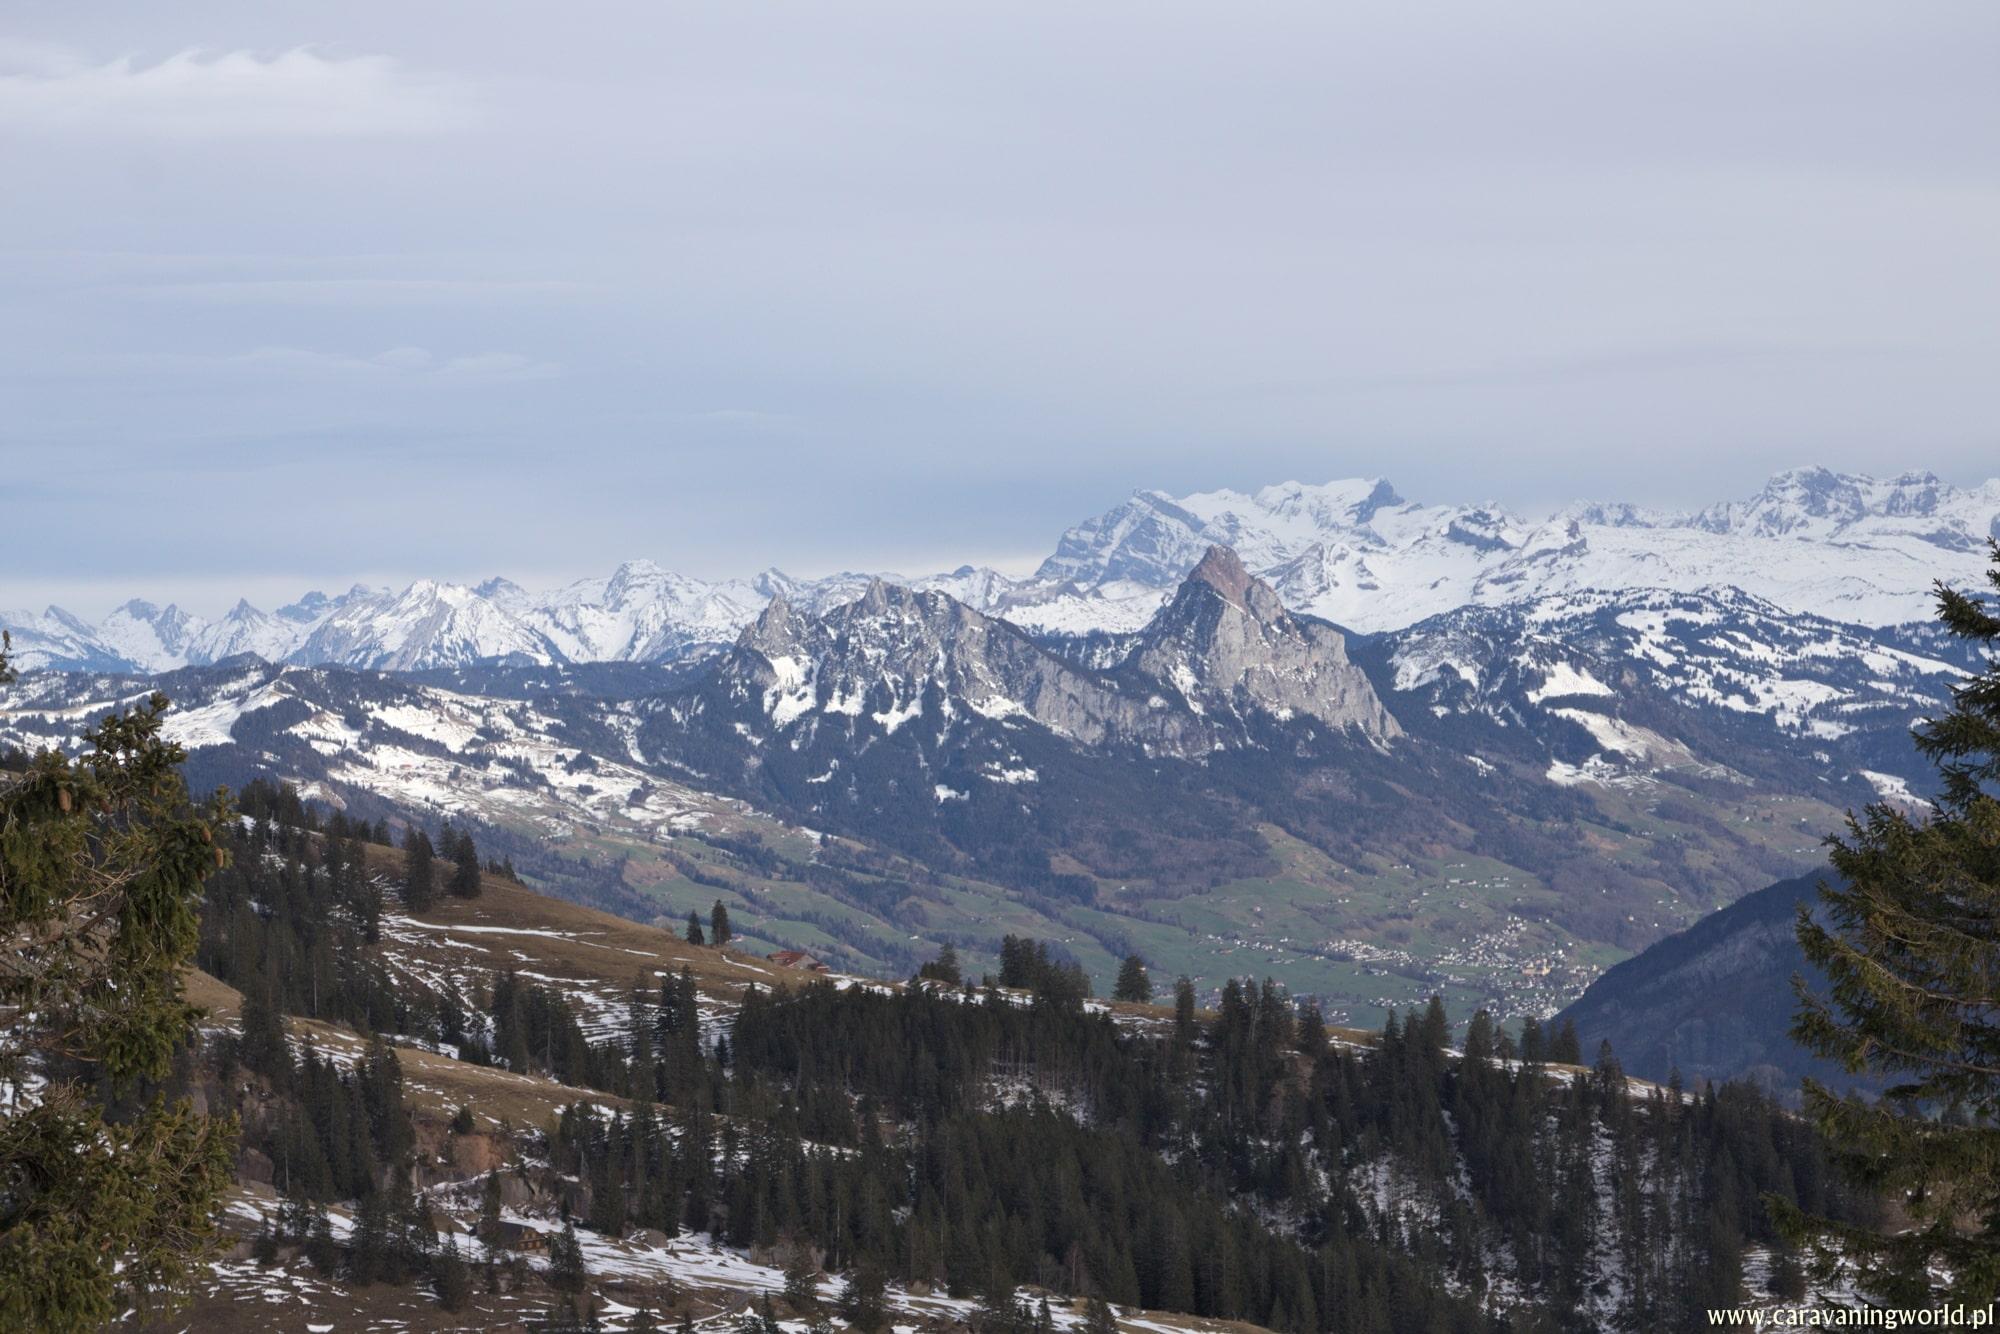 Na pierwszym planie widnieje szczyt Grosser Mythen